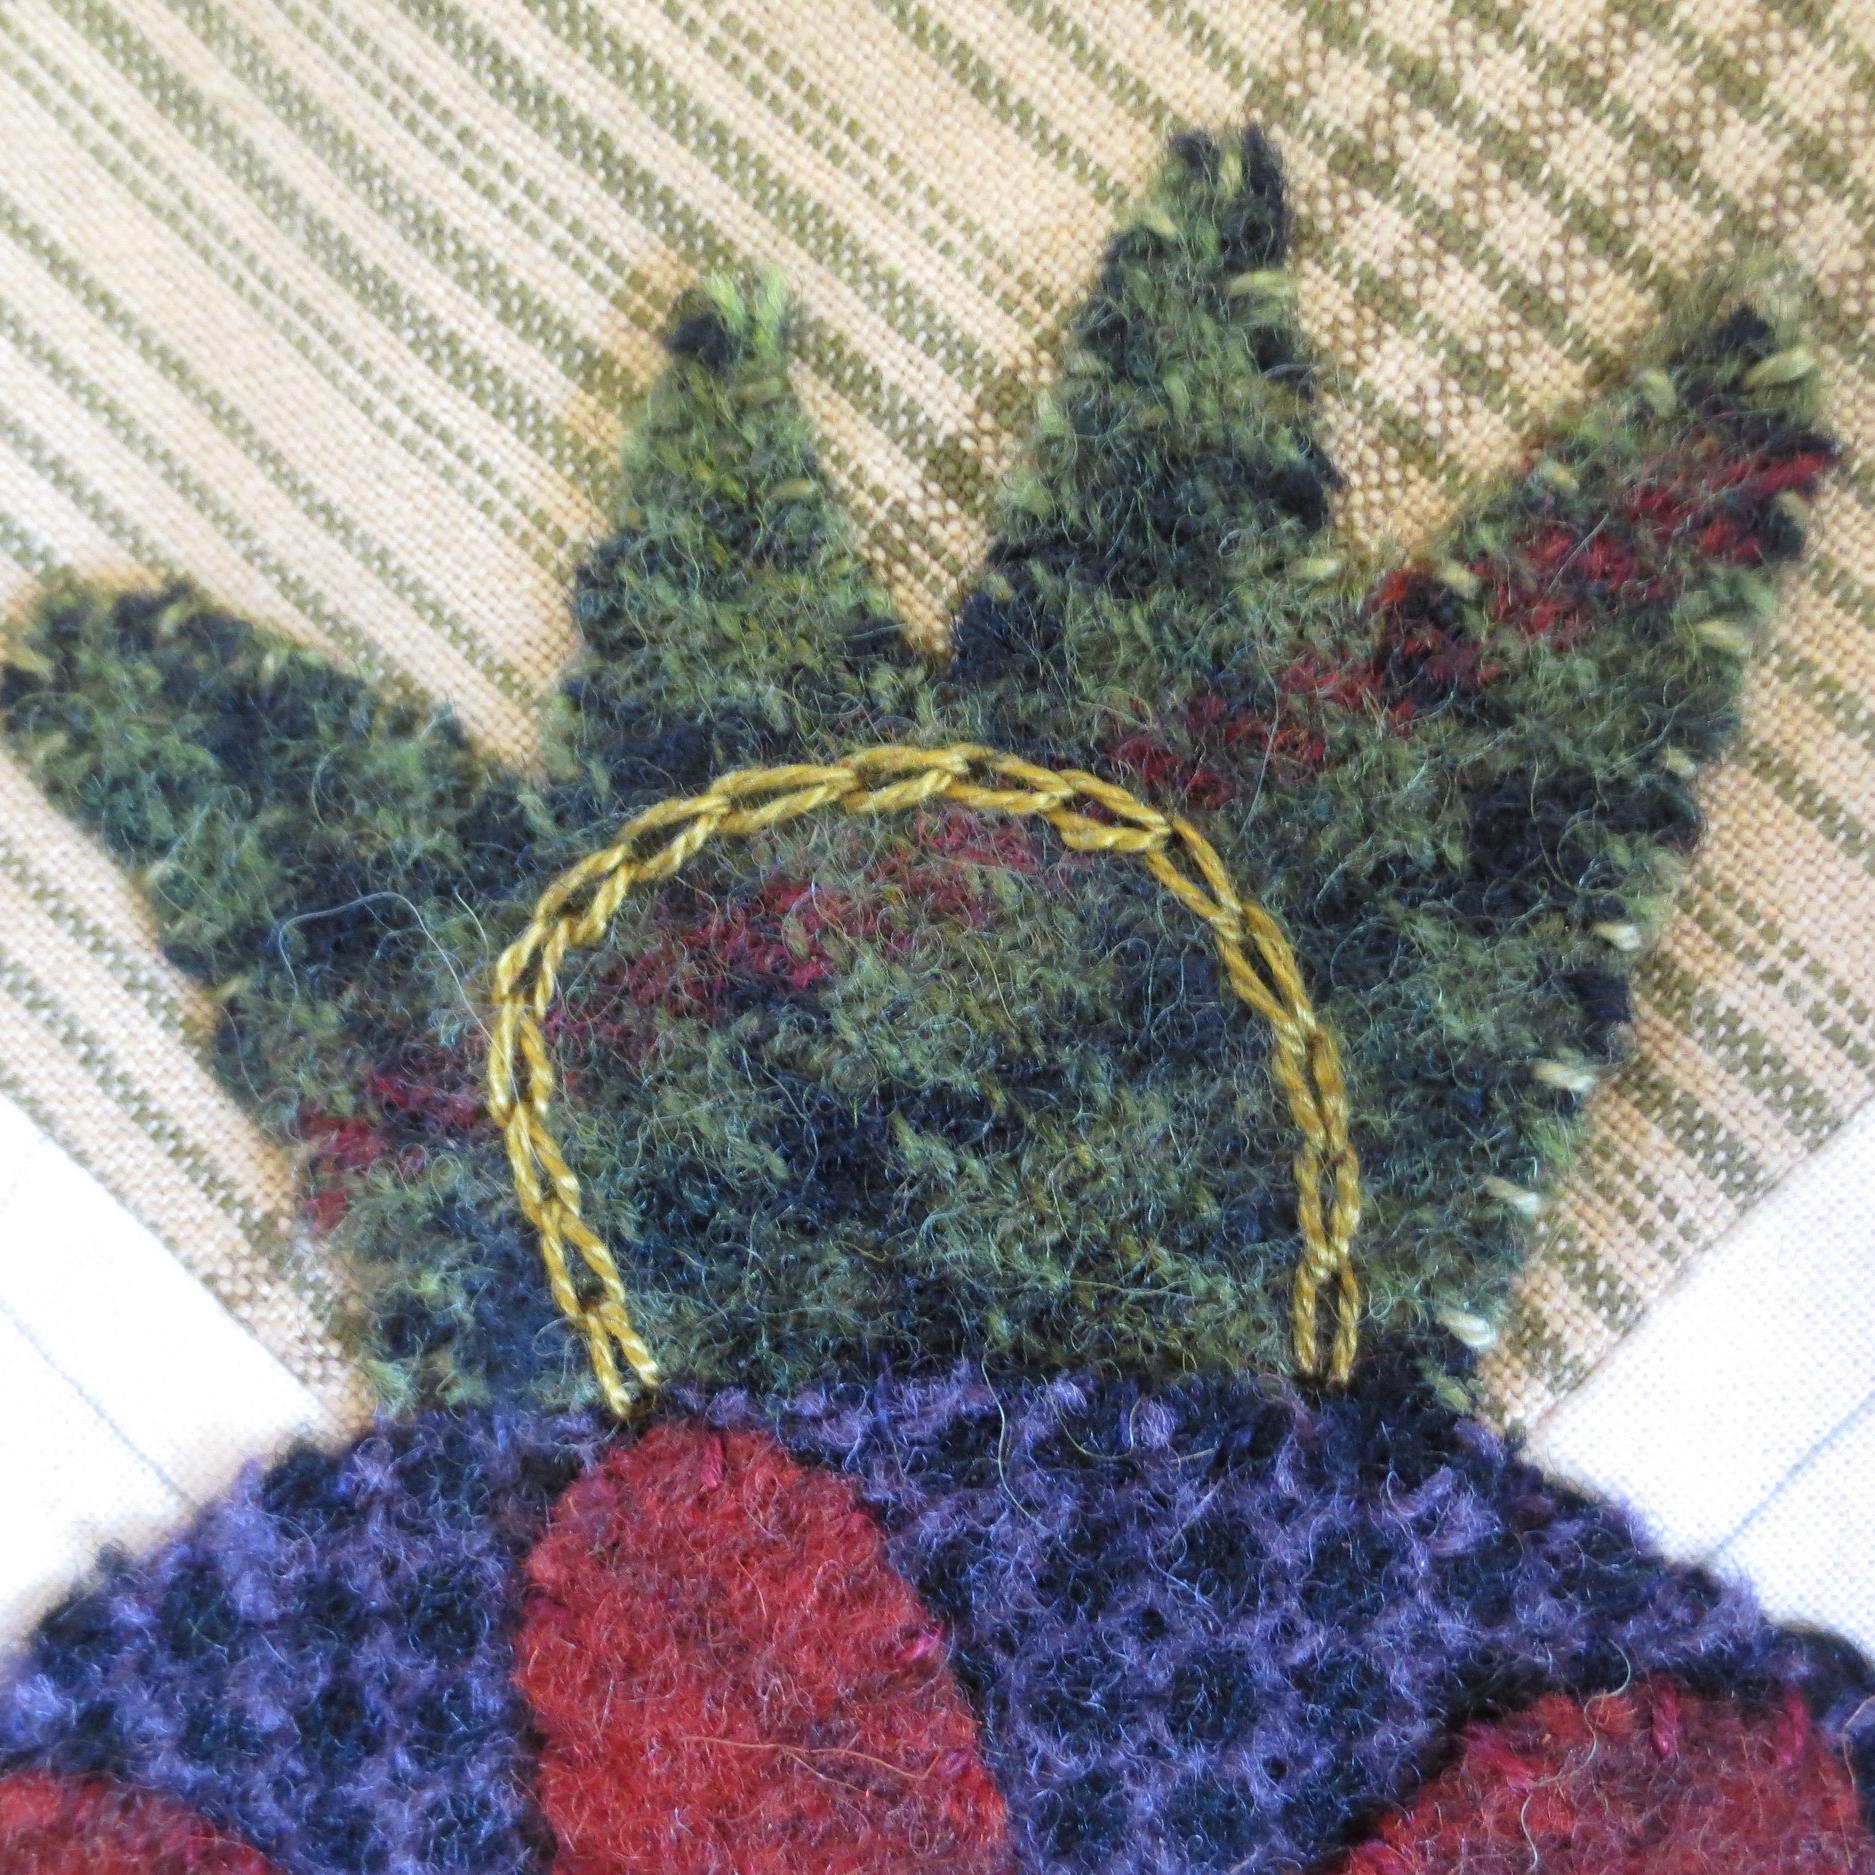 Flowers From My Garden Center Applique chain stitch6.jpg